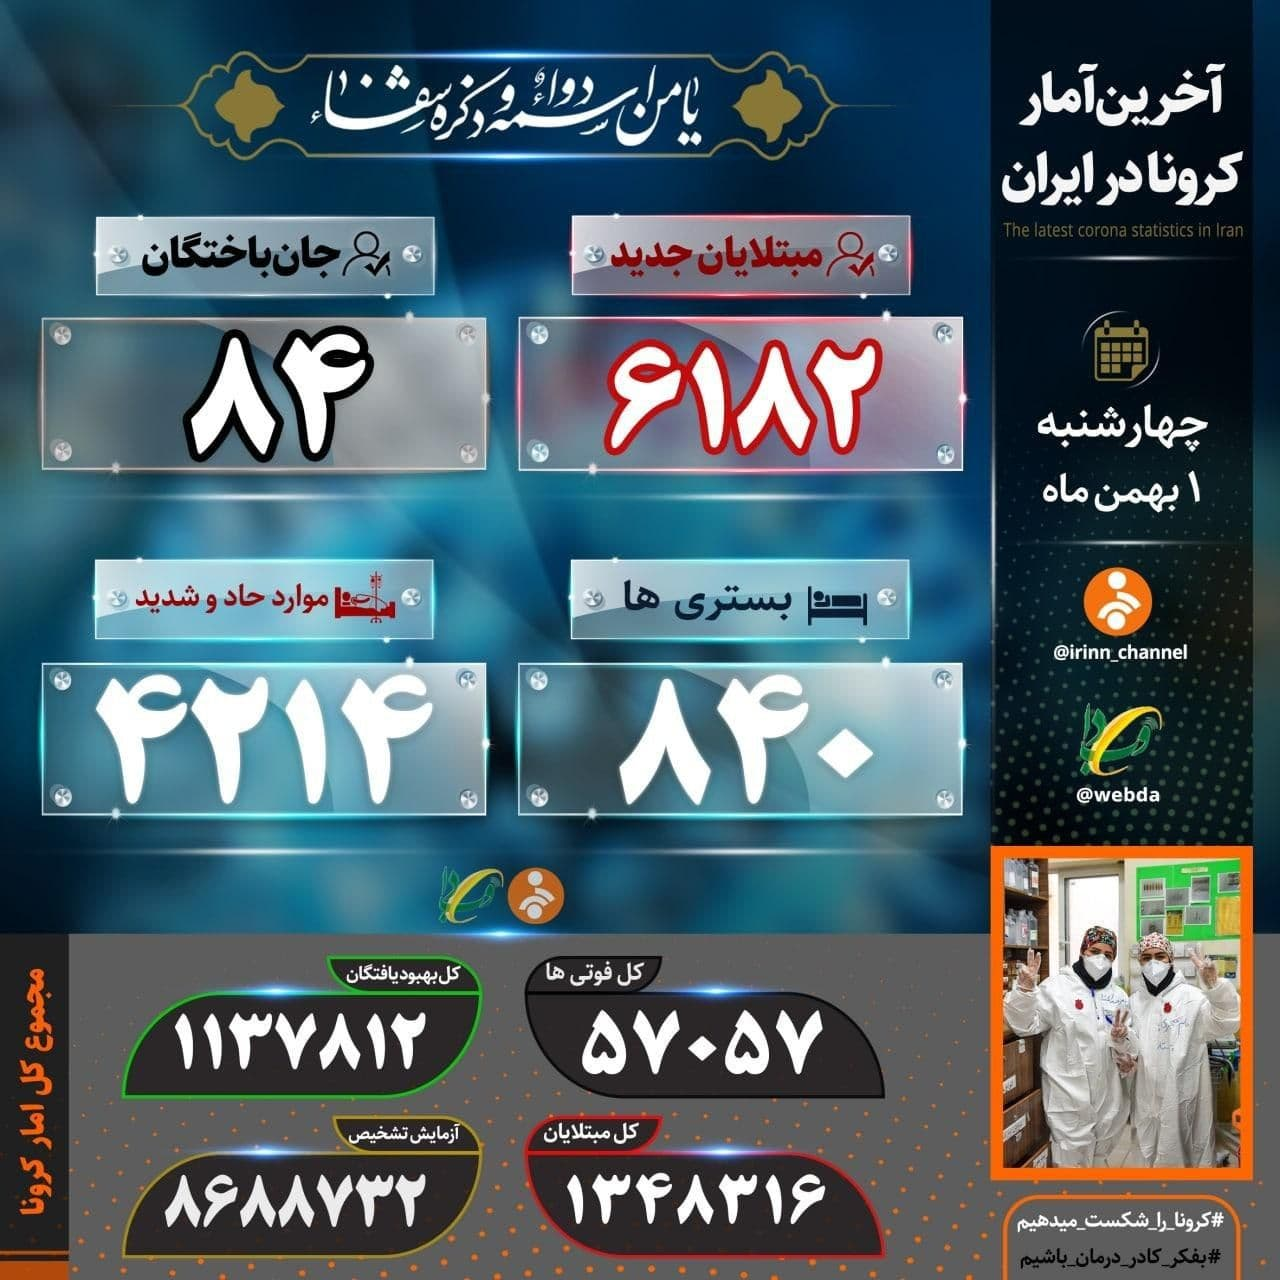 آخرین آمار کرونا ویروس در ایران امروز 1 بهمن 99 + اینفوگرافی